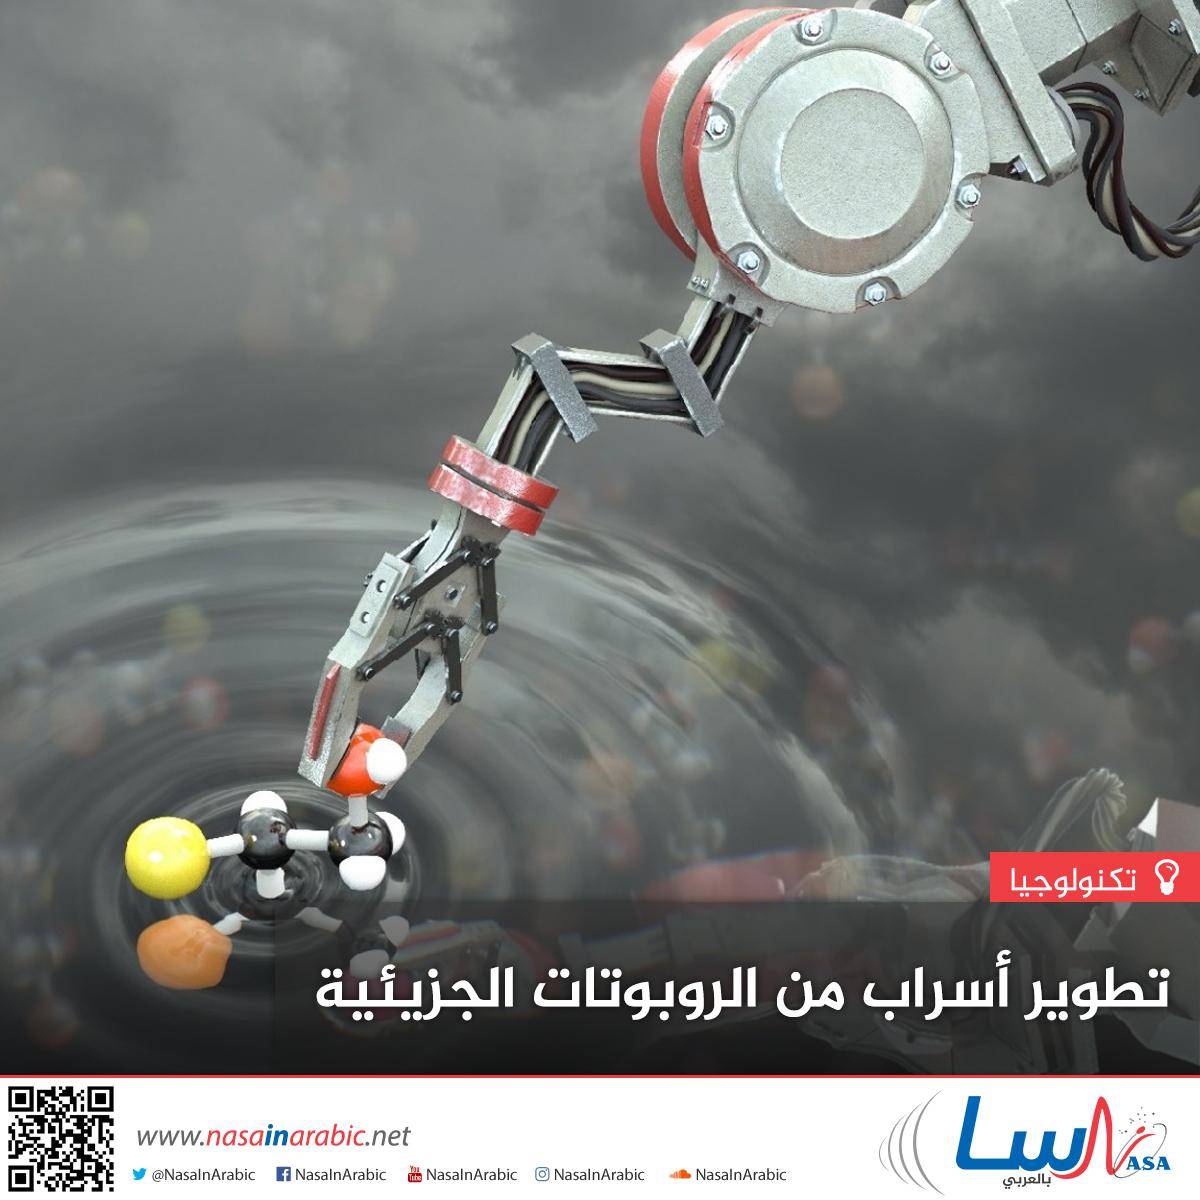 تطوير أسراب من الروبوتات الجزيئية